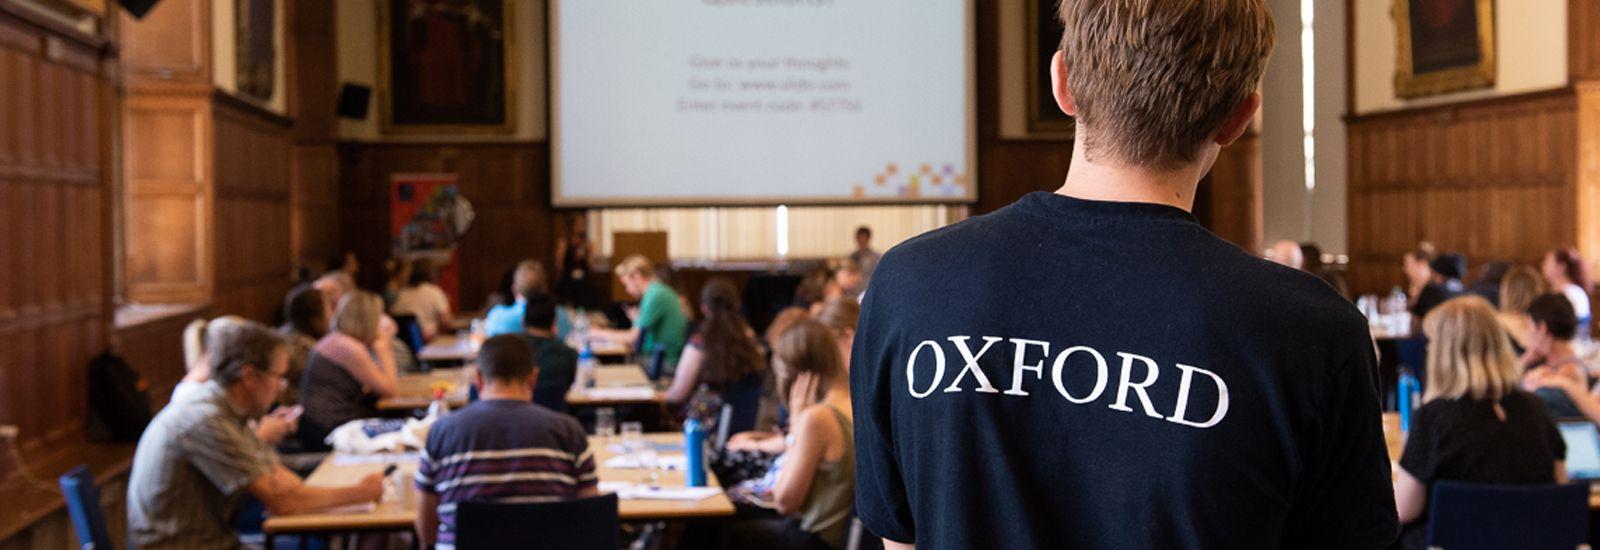 students at a seminar